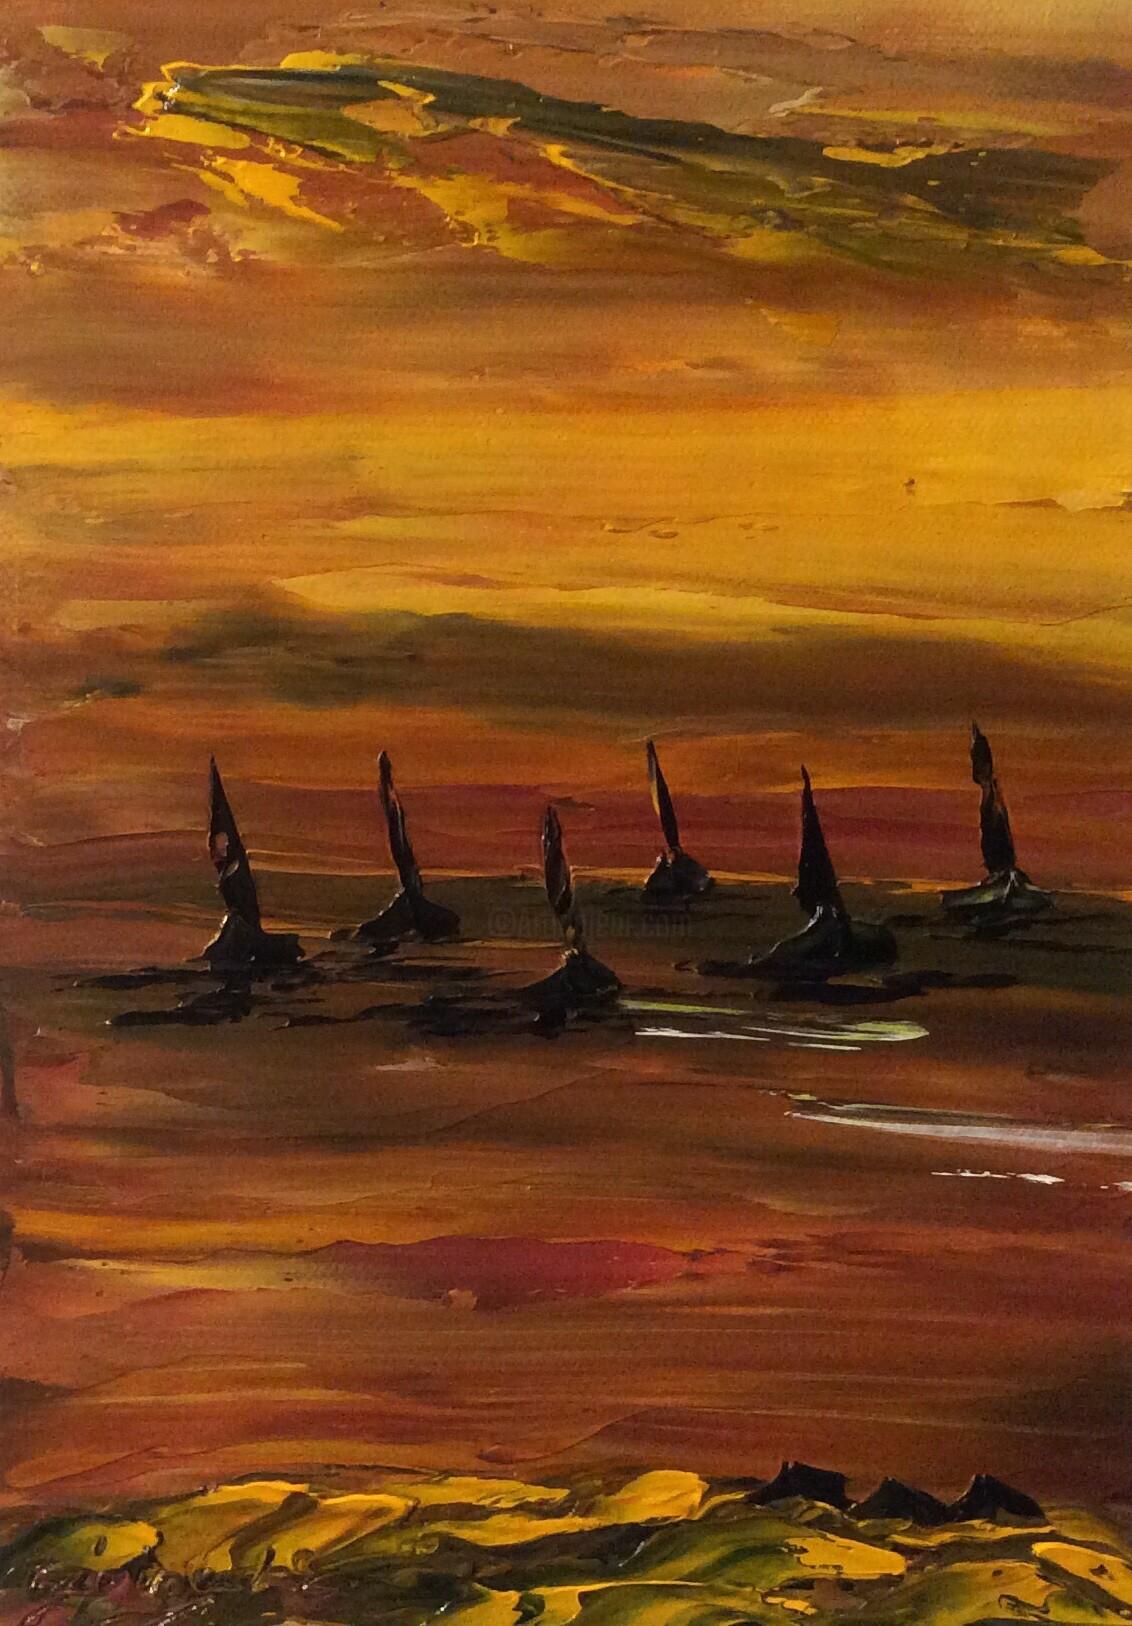 Etienne Guérinaud - Les 6 voiliers en mer au crépuscule